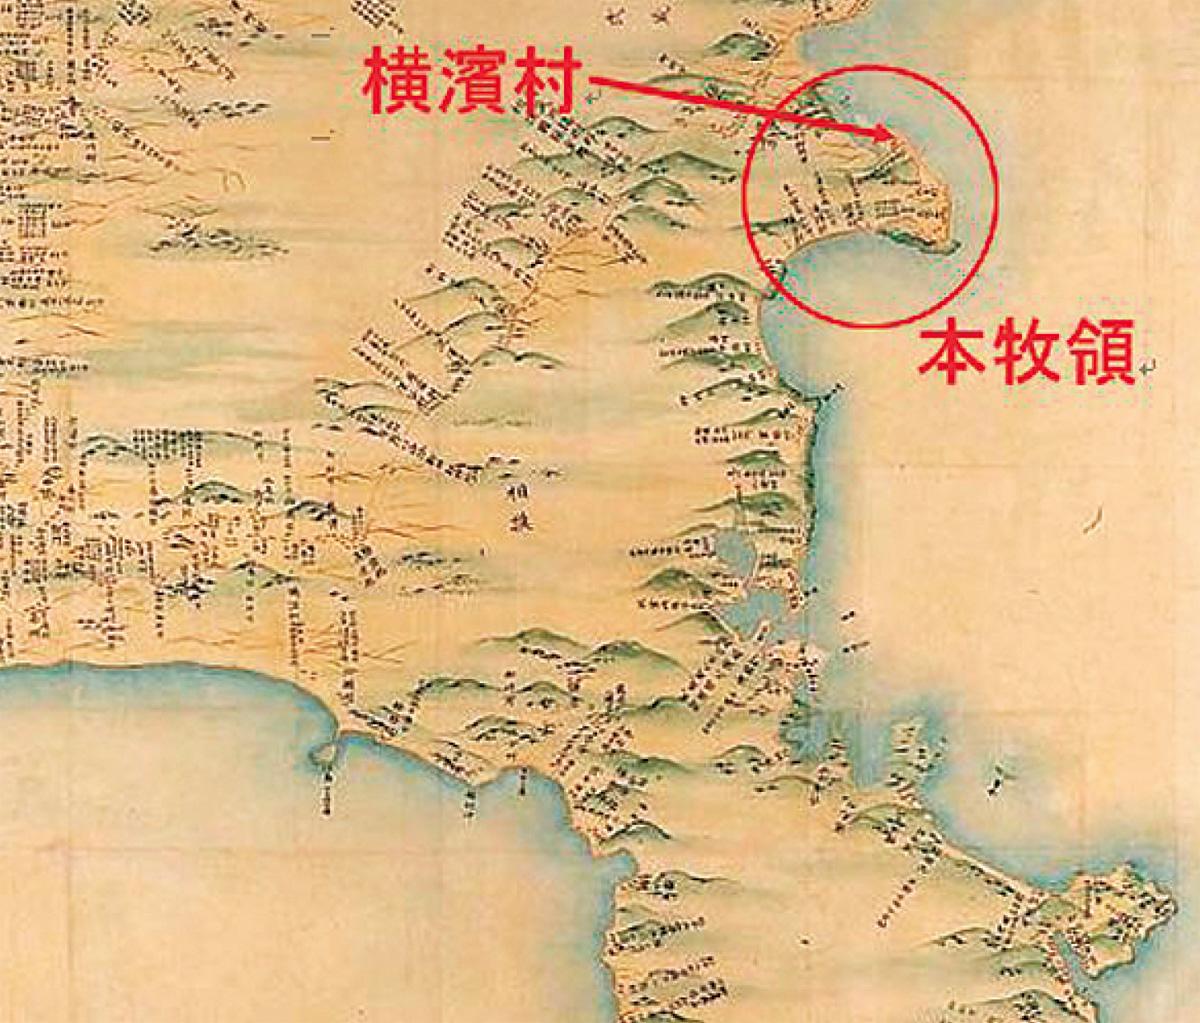 かつて横浜は本牧の一部地域に過ぎなかった...